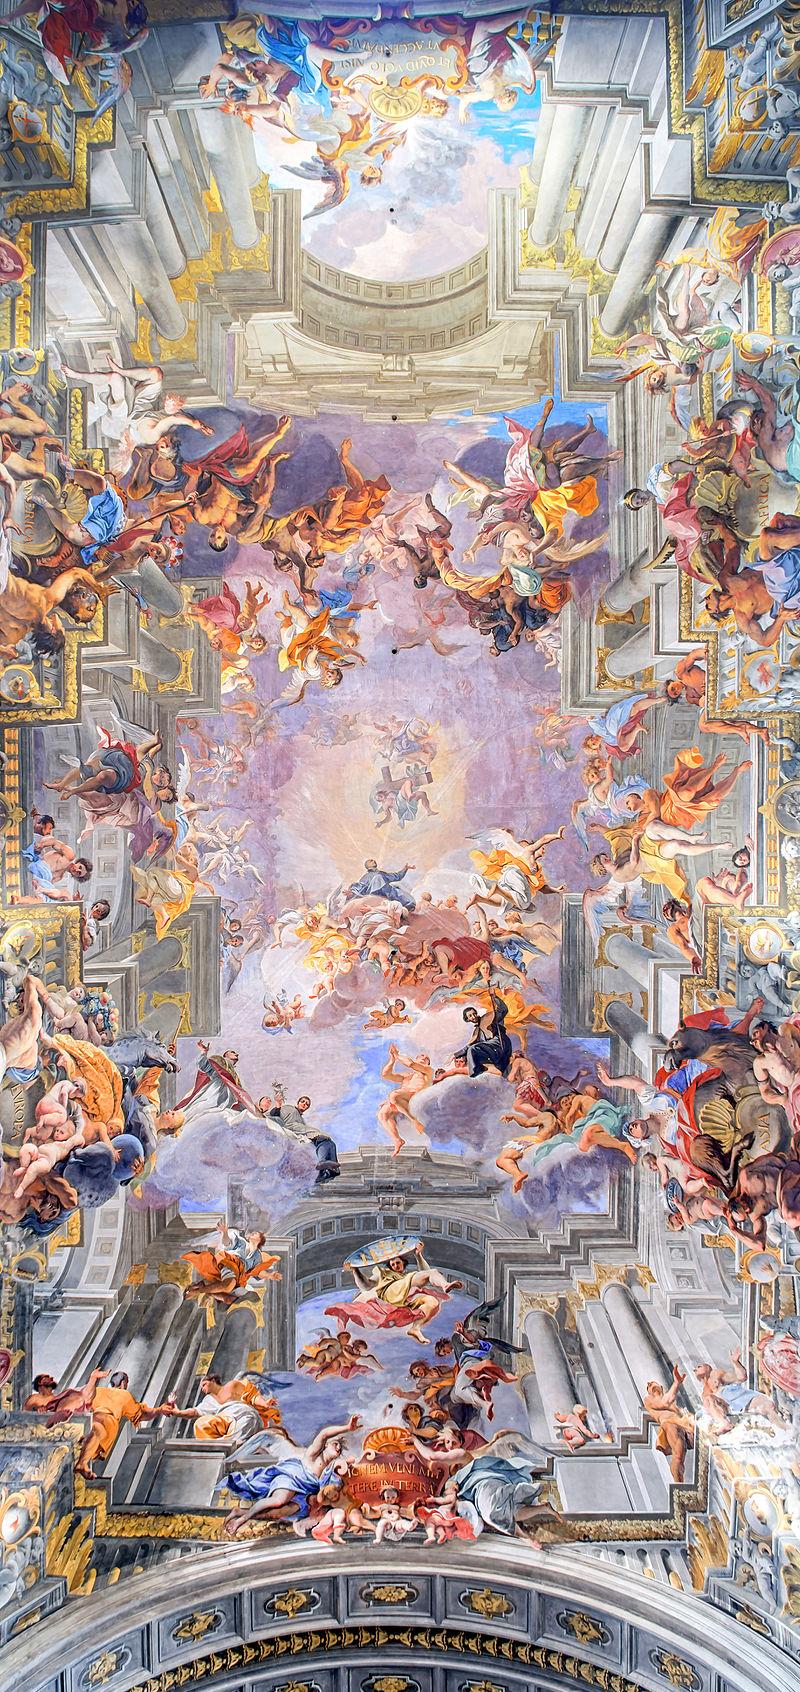 800px-Frescos_of_Ignatius_of_Loyola_HDR.